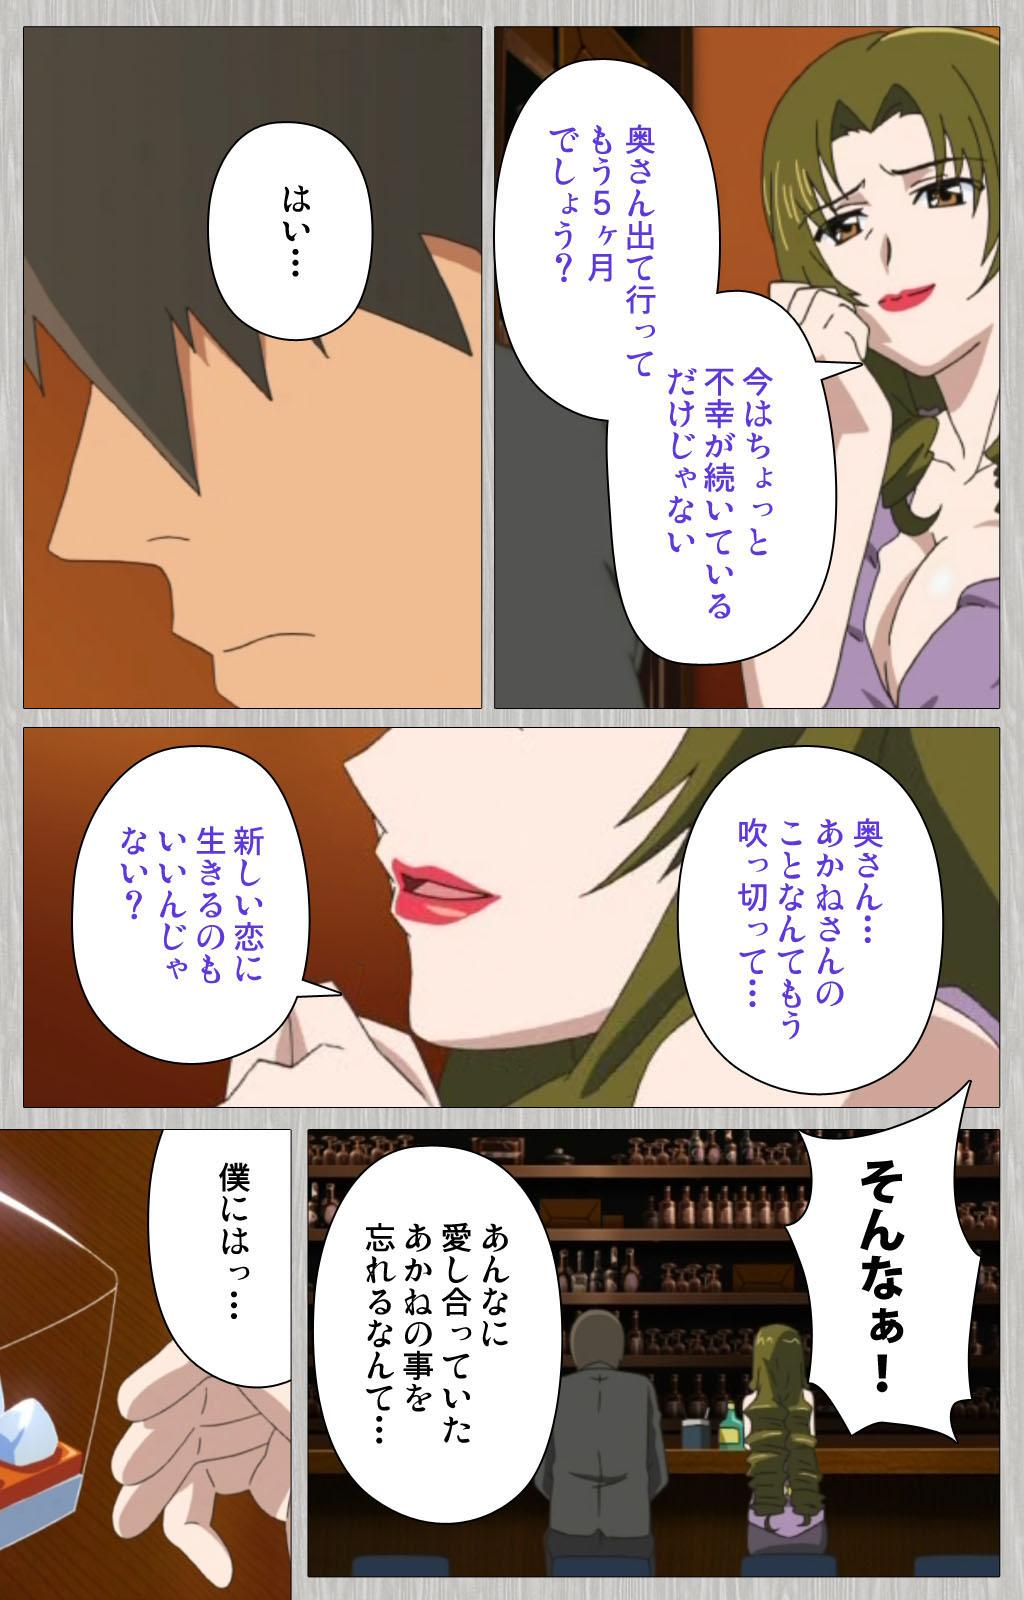 Tsuma no haha Sayuri Kanzenban 11